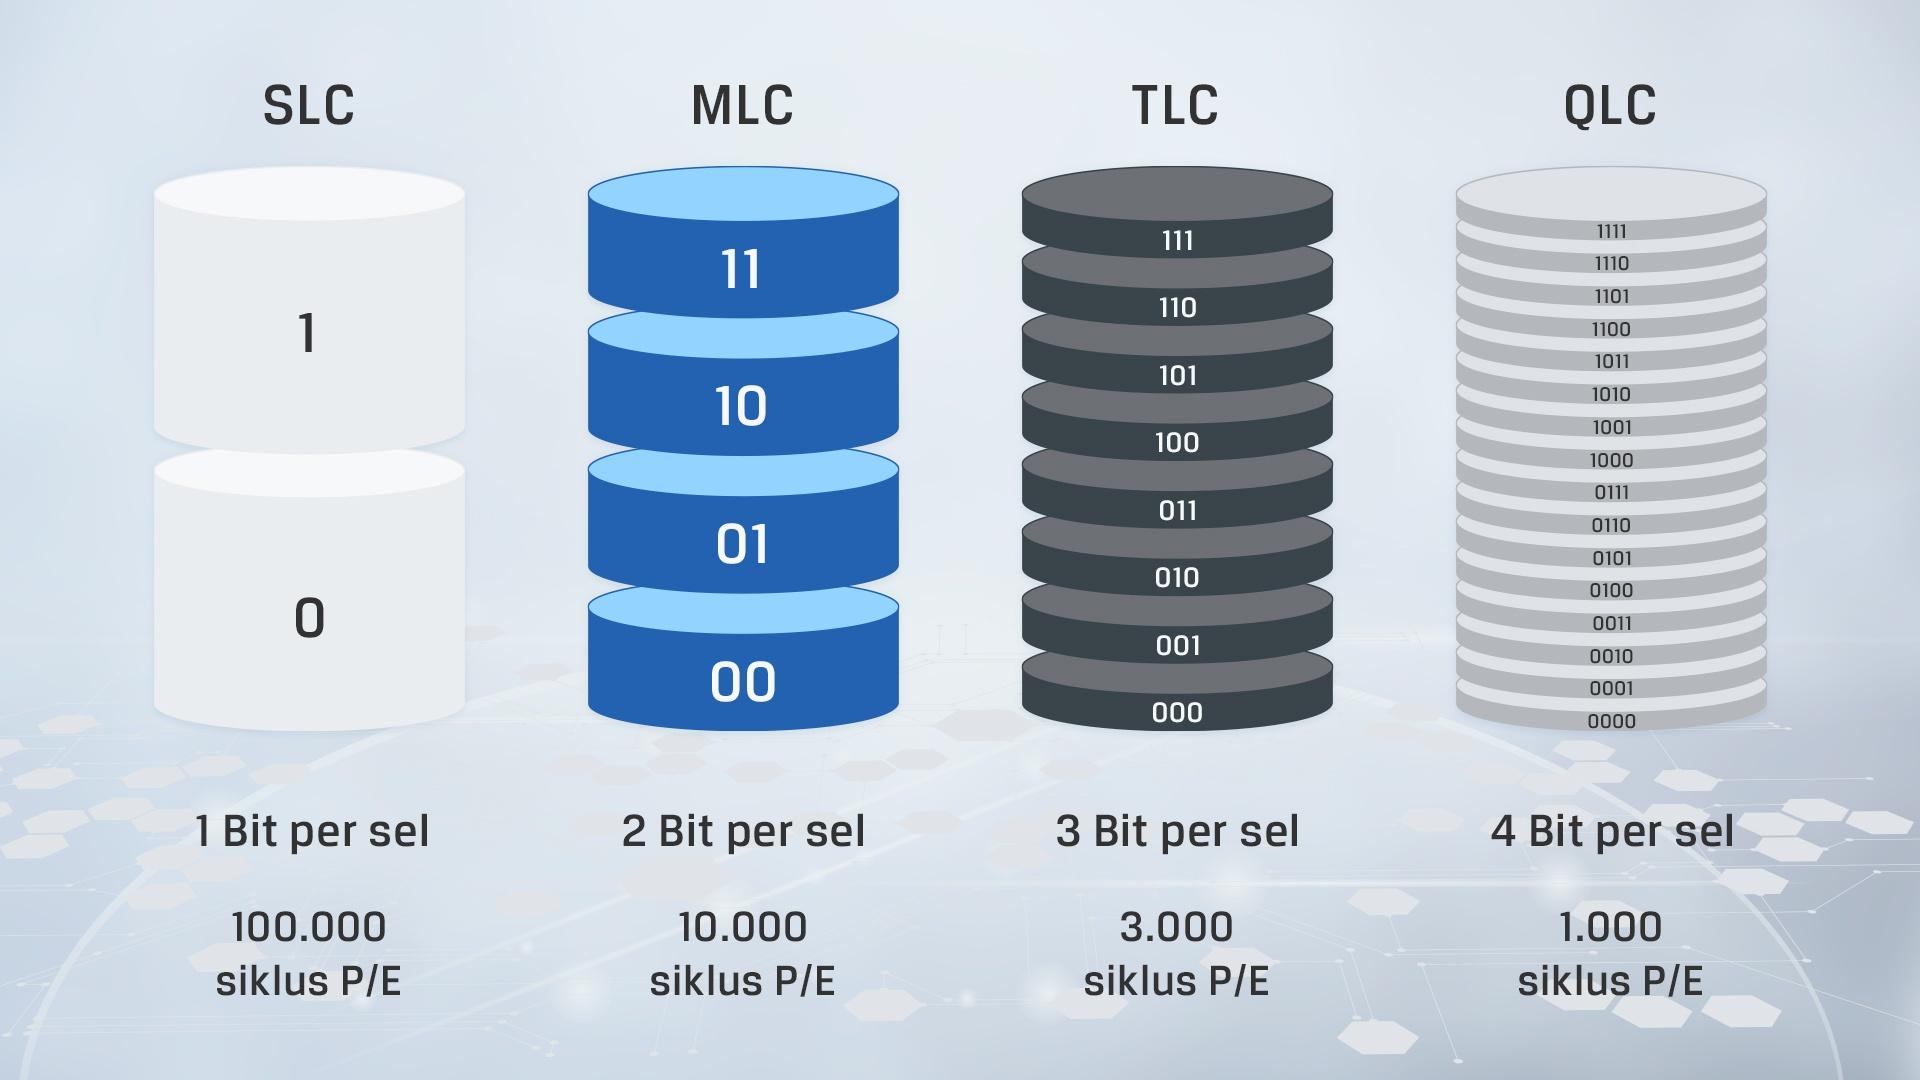 infografik yang menunjukkan perbedaan utama antara tipe-tipe NAND